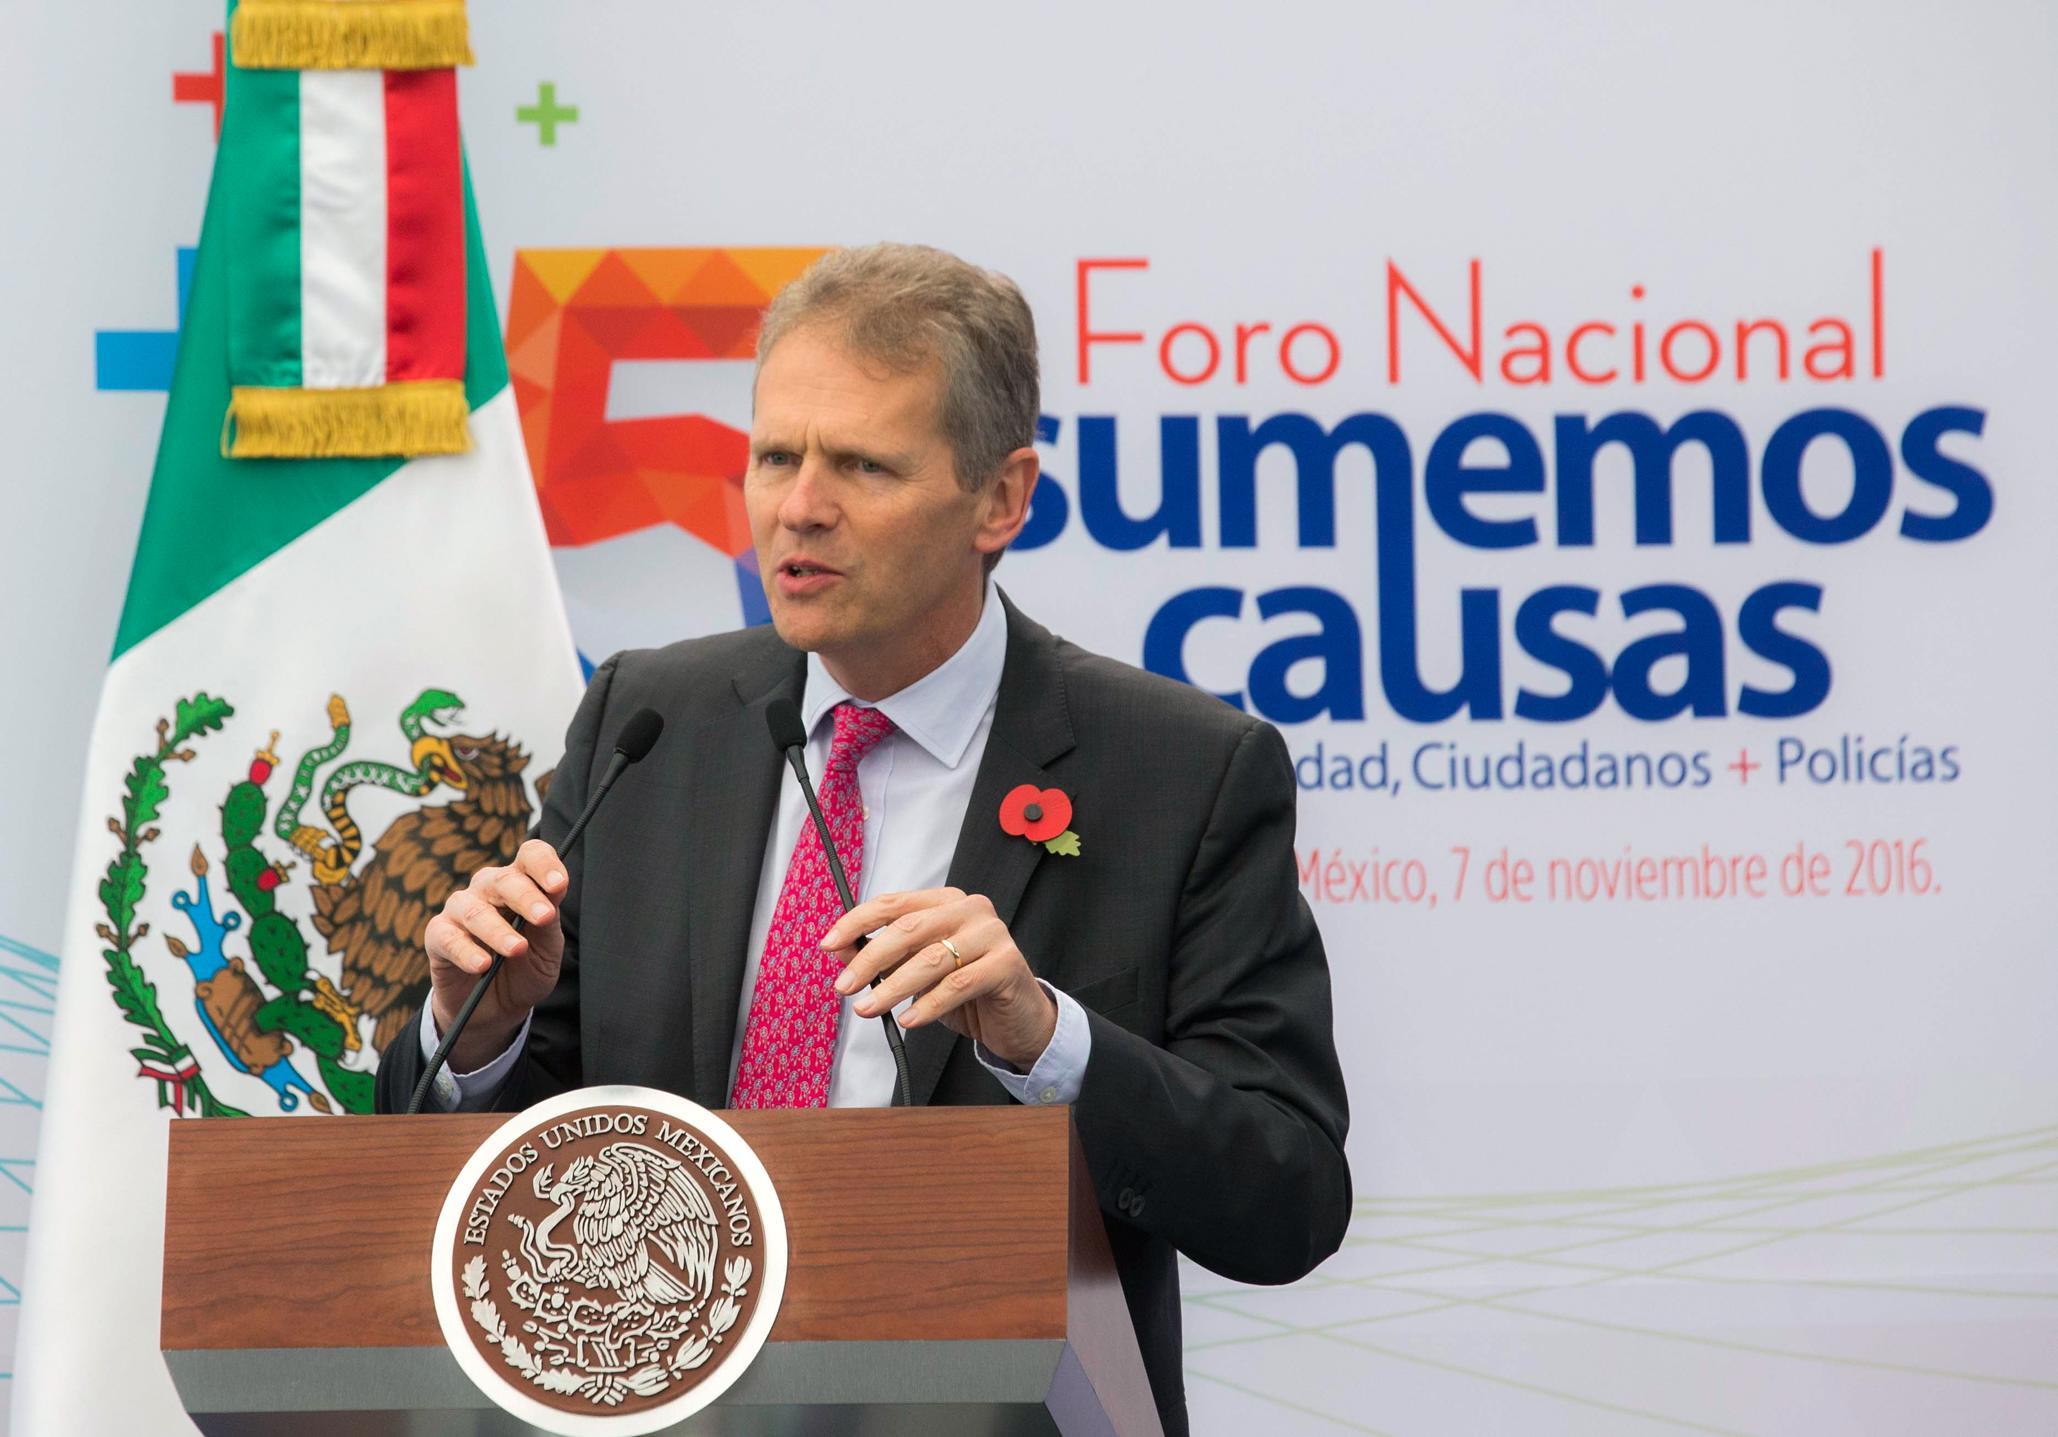 """""""Creo que podemos llegar a invertir como 10 veces más en los próximos cinco años, de lo que invertimos en los últimos cinco"""", Duncan Taylor, Embajador en México del Reino Unido."""